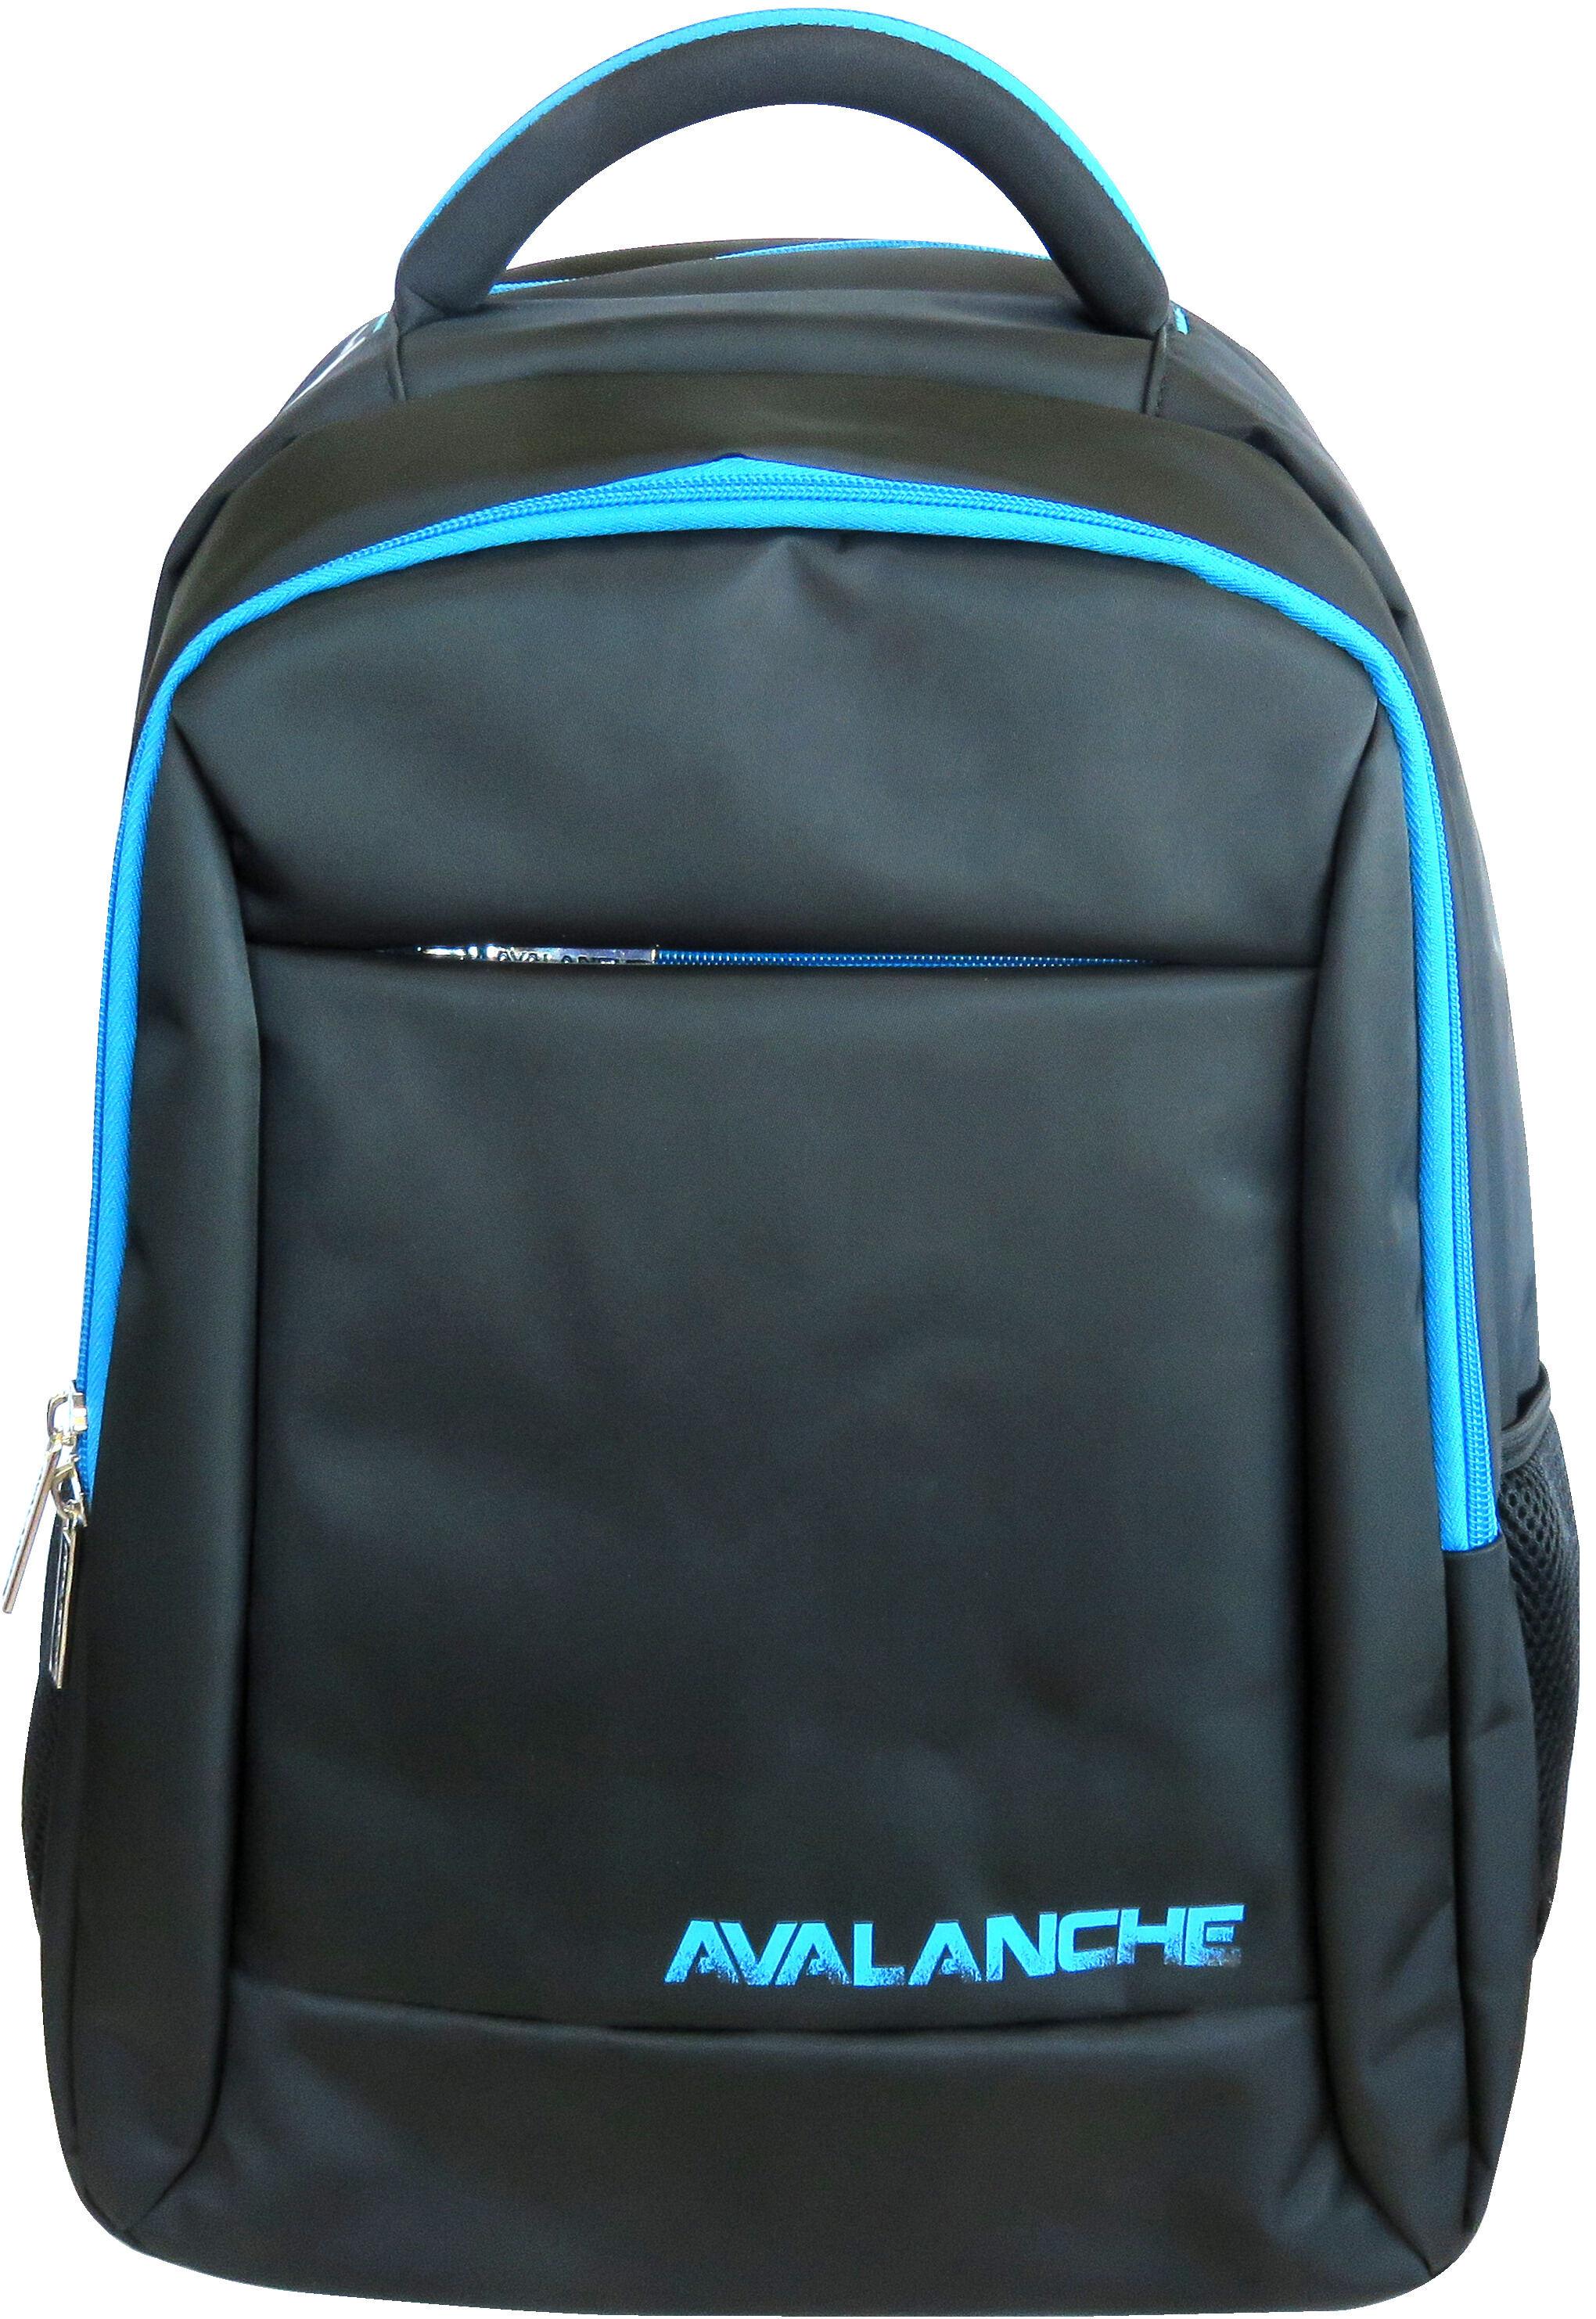 Avalanche Extreme Laptop Bag - Blue